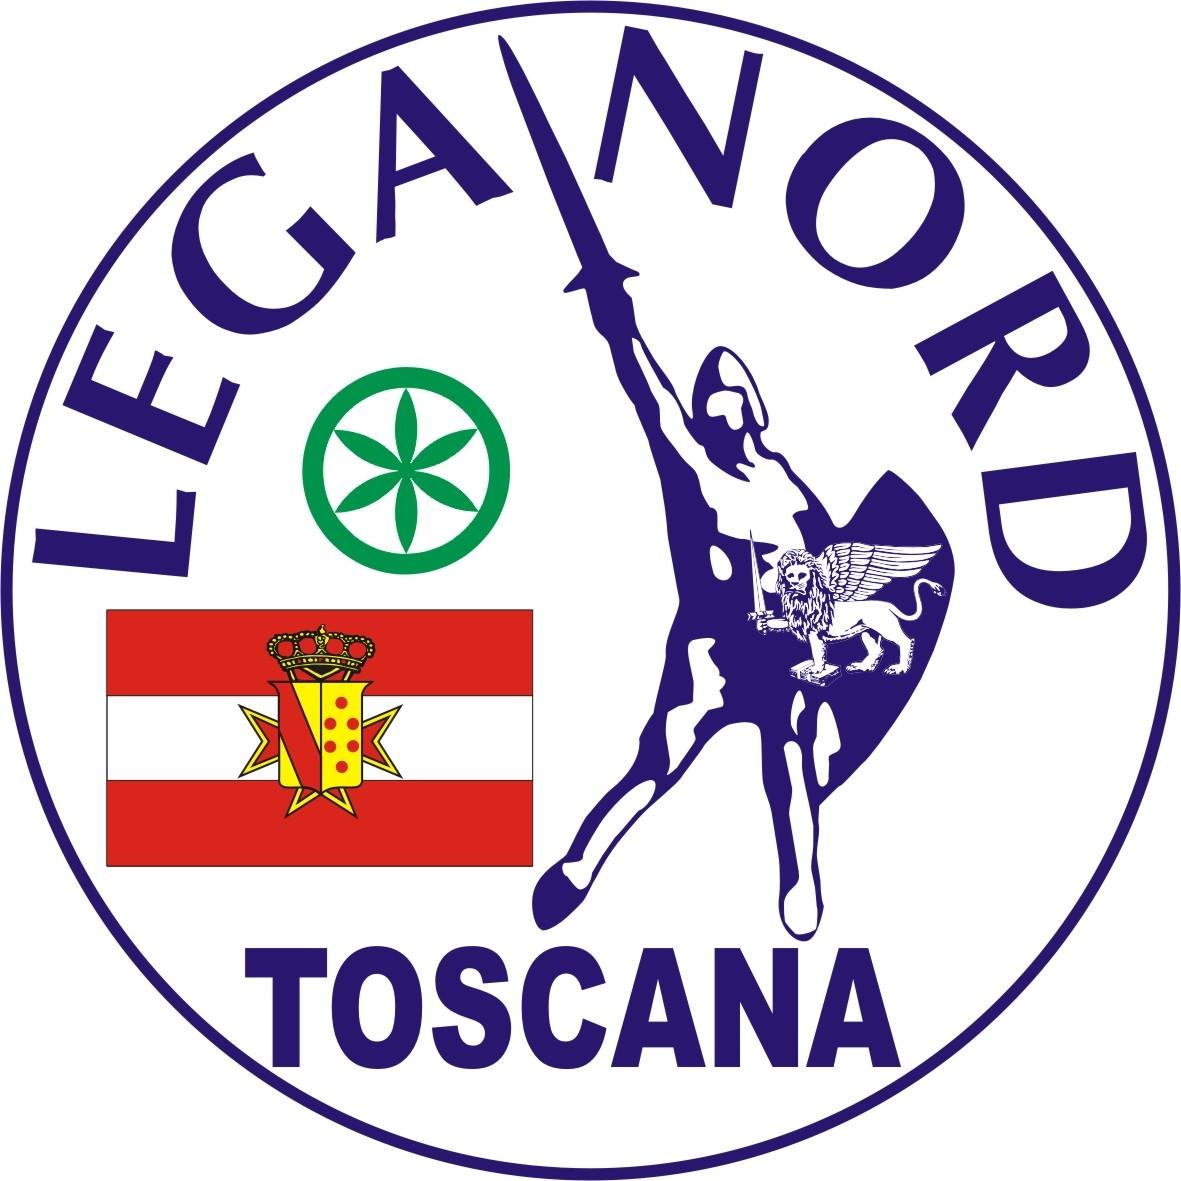 Dopo il tentativo di scippo a Camucia Lega Nord interviene ancora sul tema della sicurezza